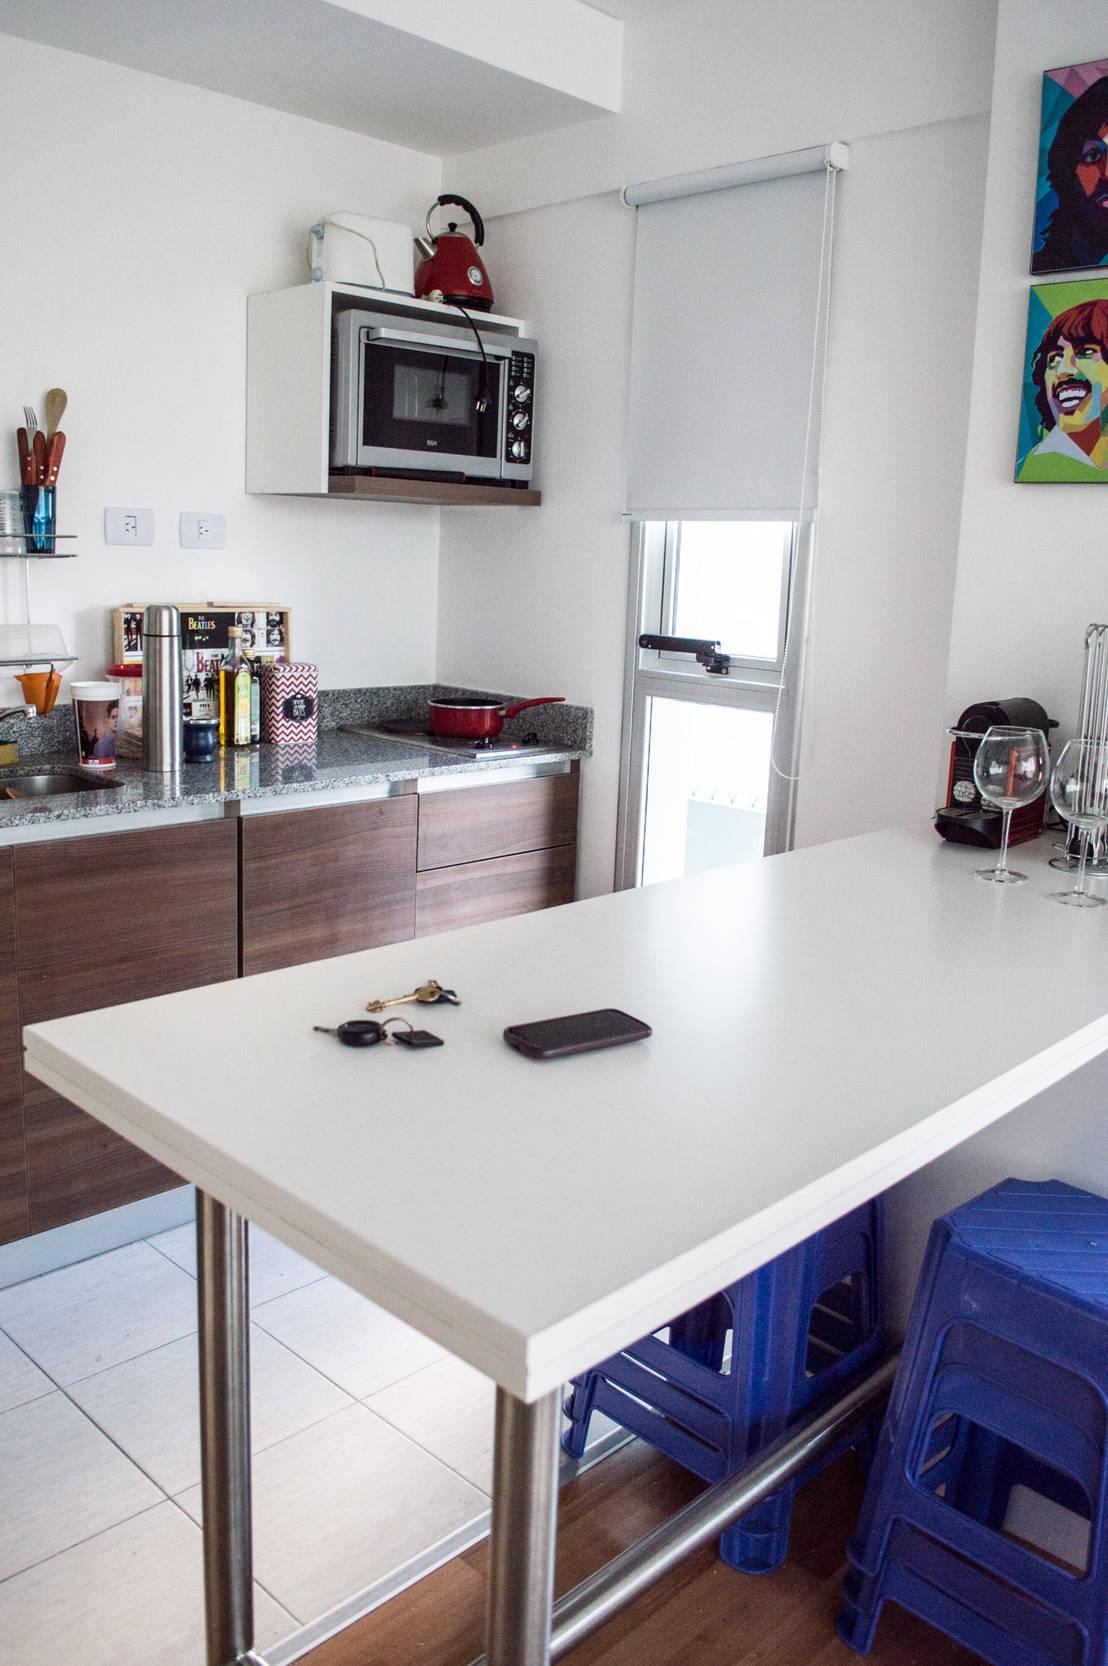 7 soluciones inteligentes para una cocina peque a y moderna - Soluciones cocinas pequenas ...